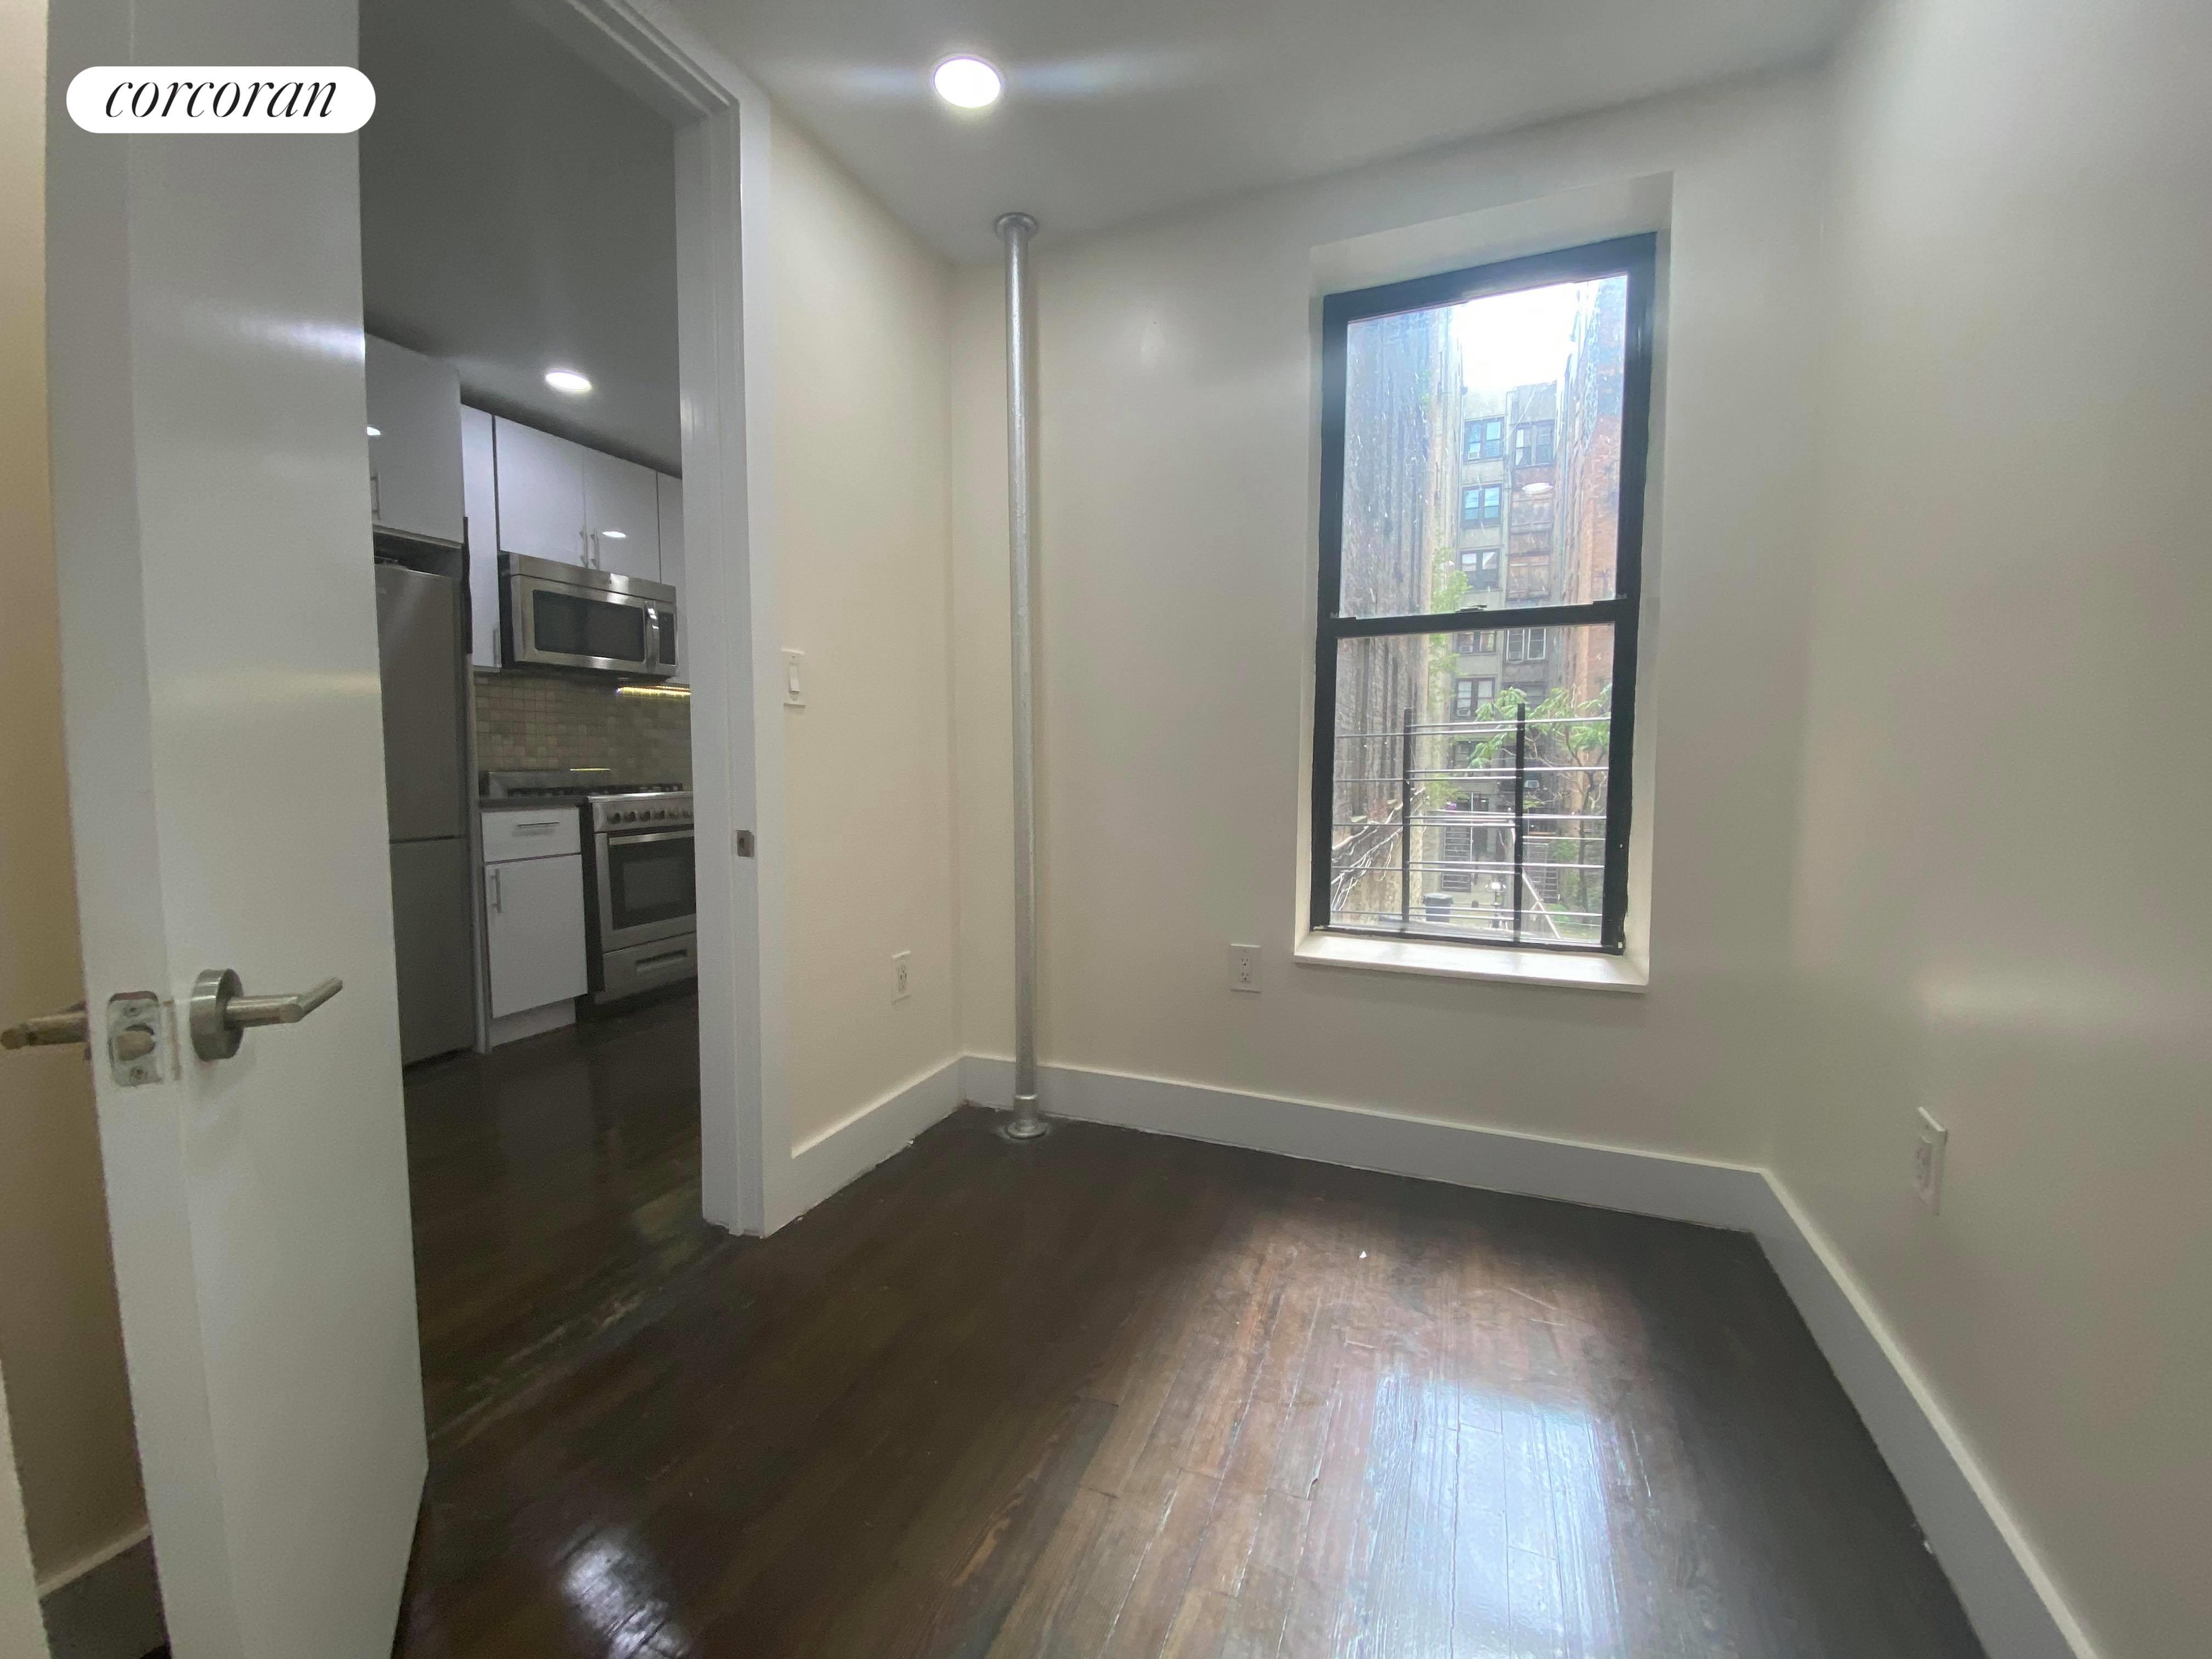 532 West 143rd Street Hamilton Heights New York NY 10031